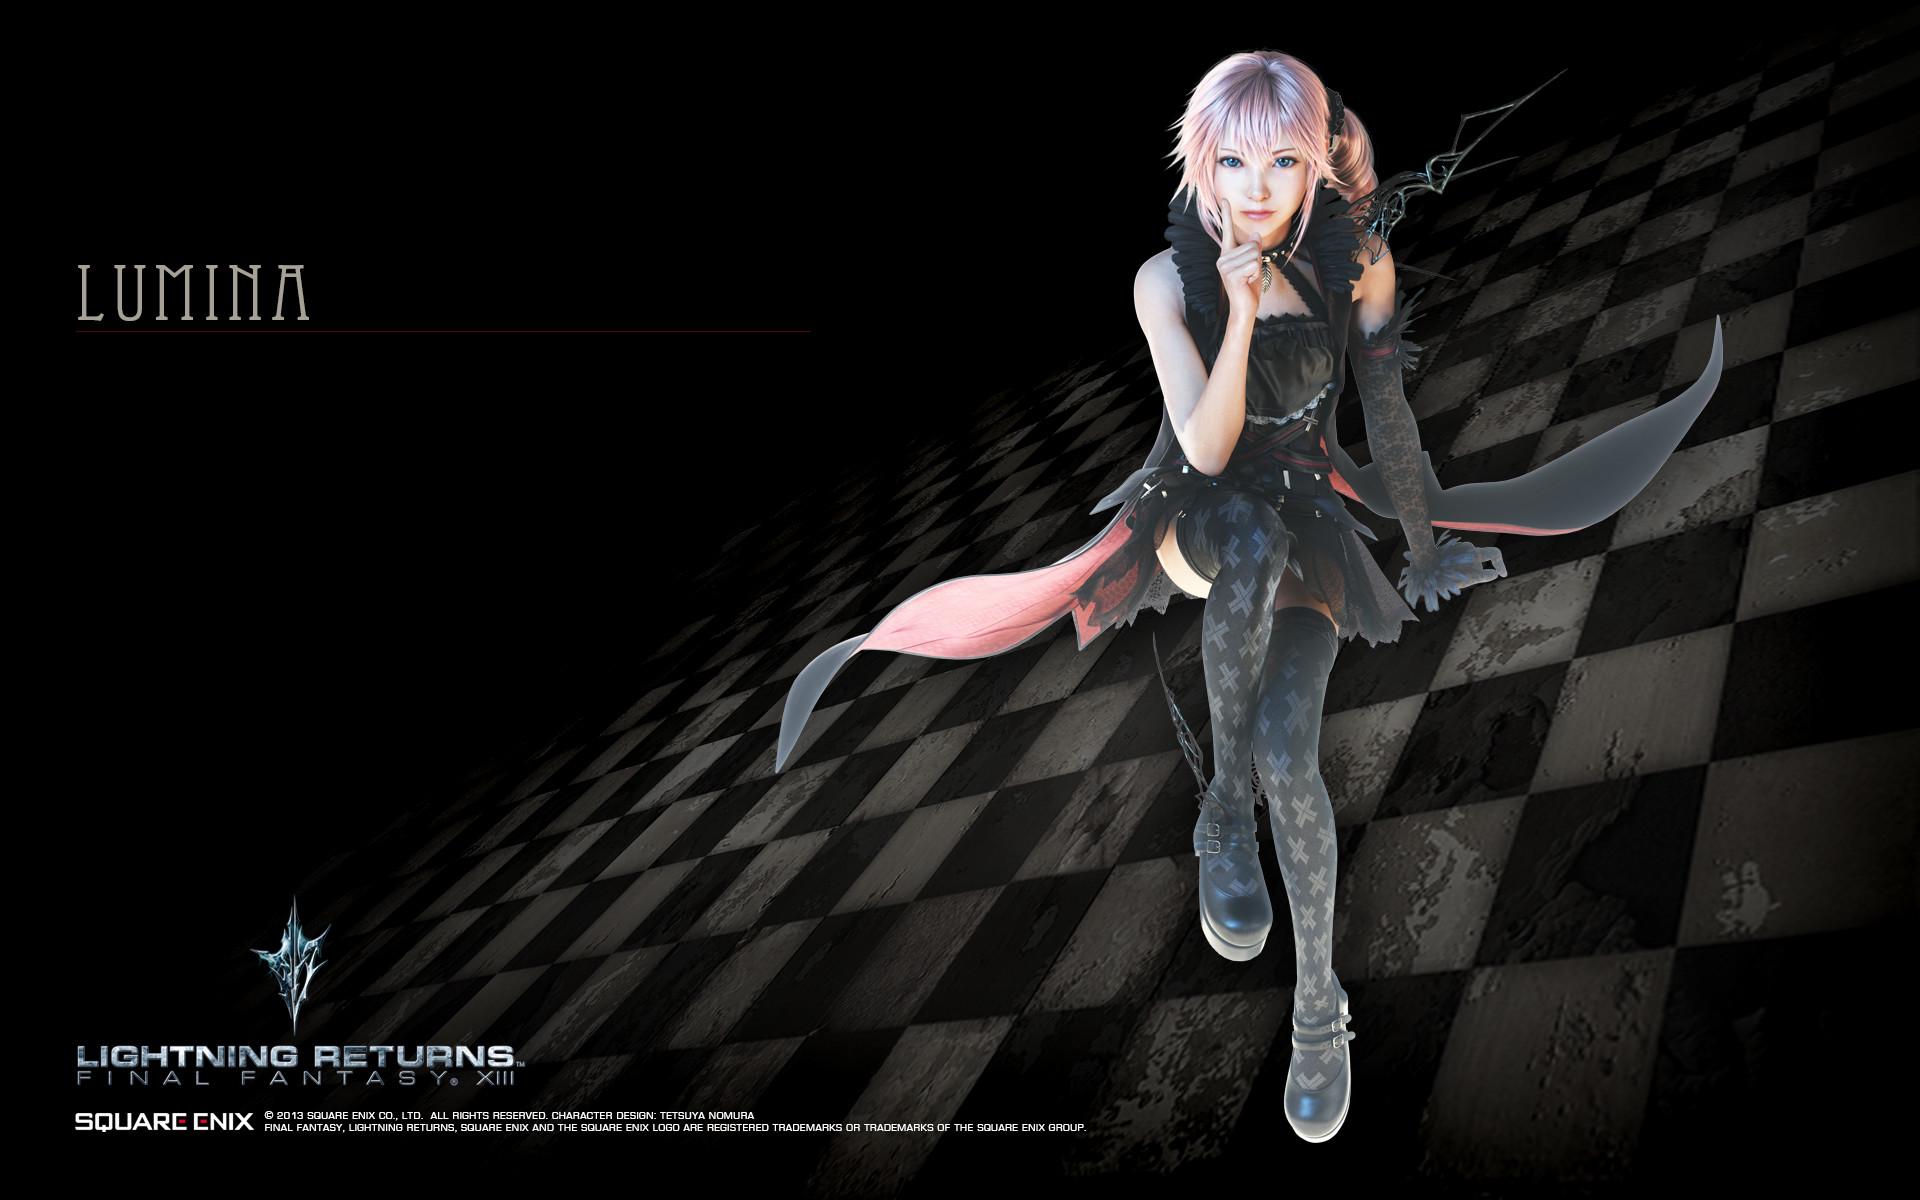 Lightning Returns Final Fantasy XIII Lumina Wallpaper